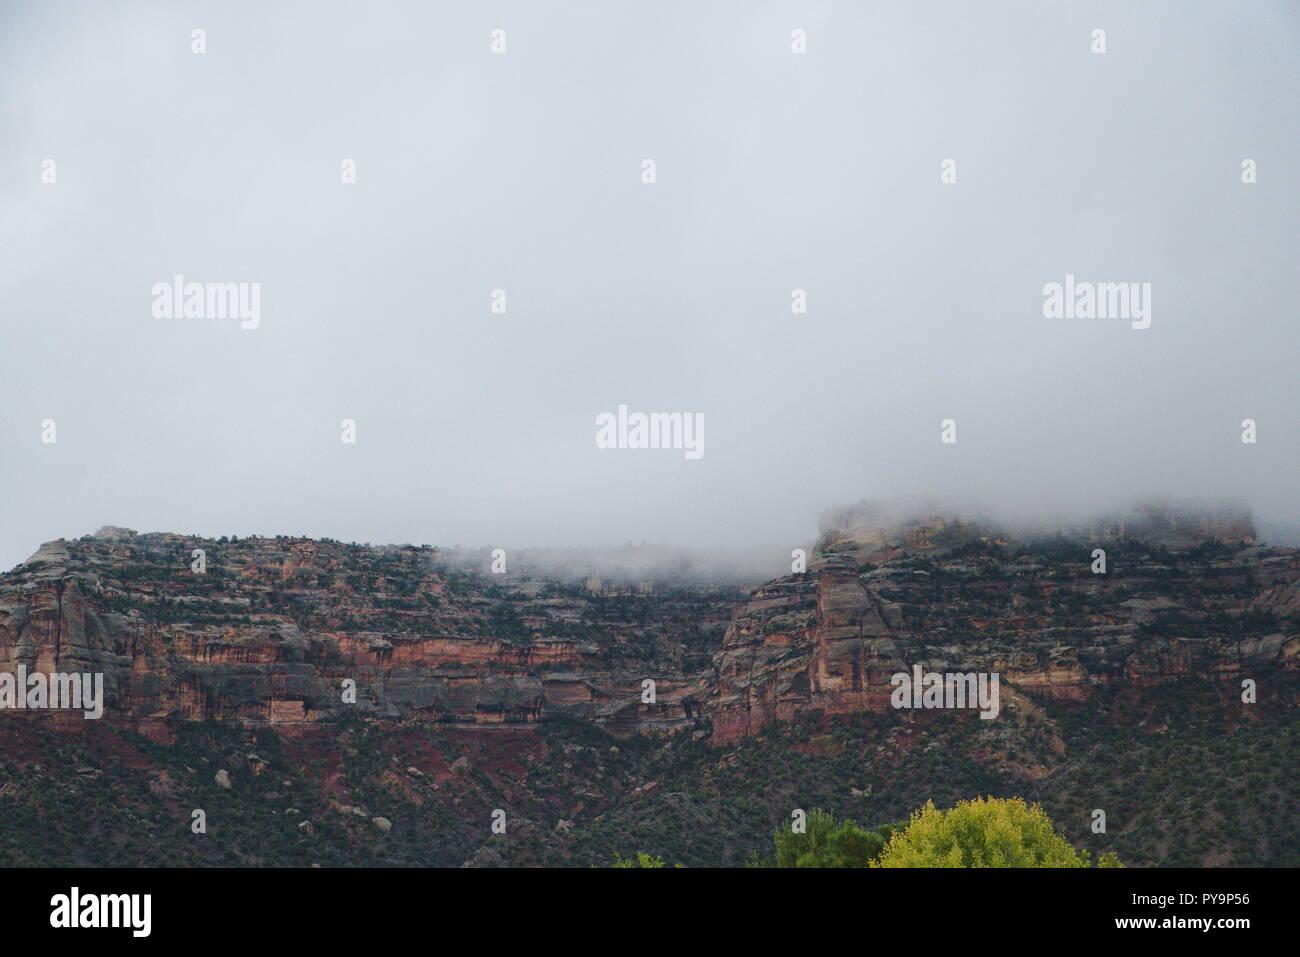 Le Colorado National Monument enveloppé d'une couche de brouillard. Les nuages au-dessus sont gris et sombre. Il y a une vibe baissés. Photo Stock